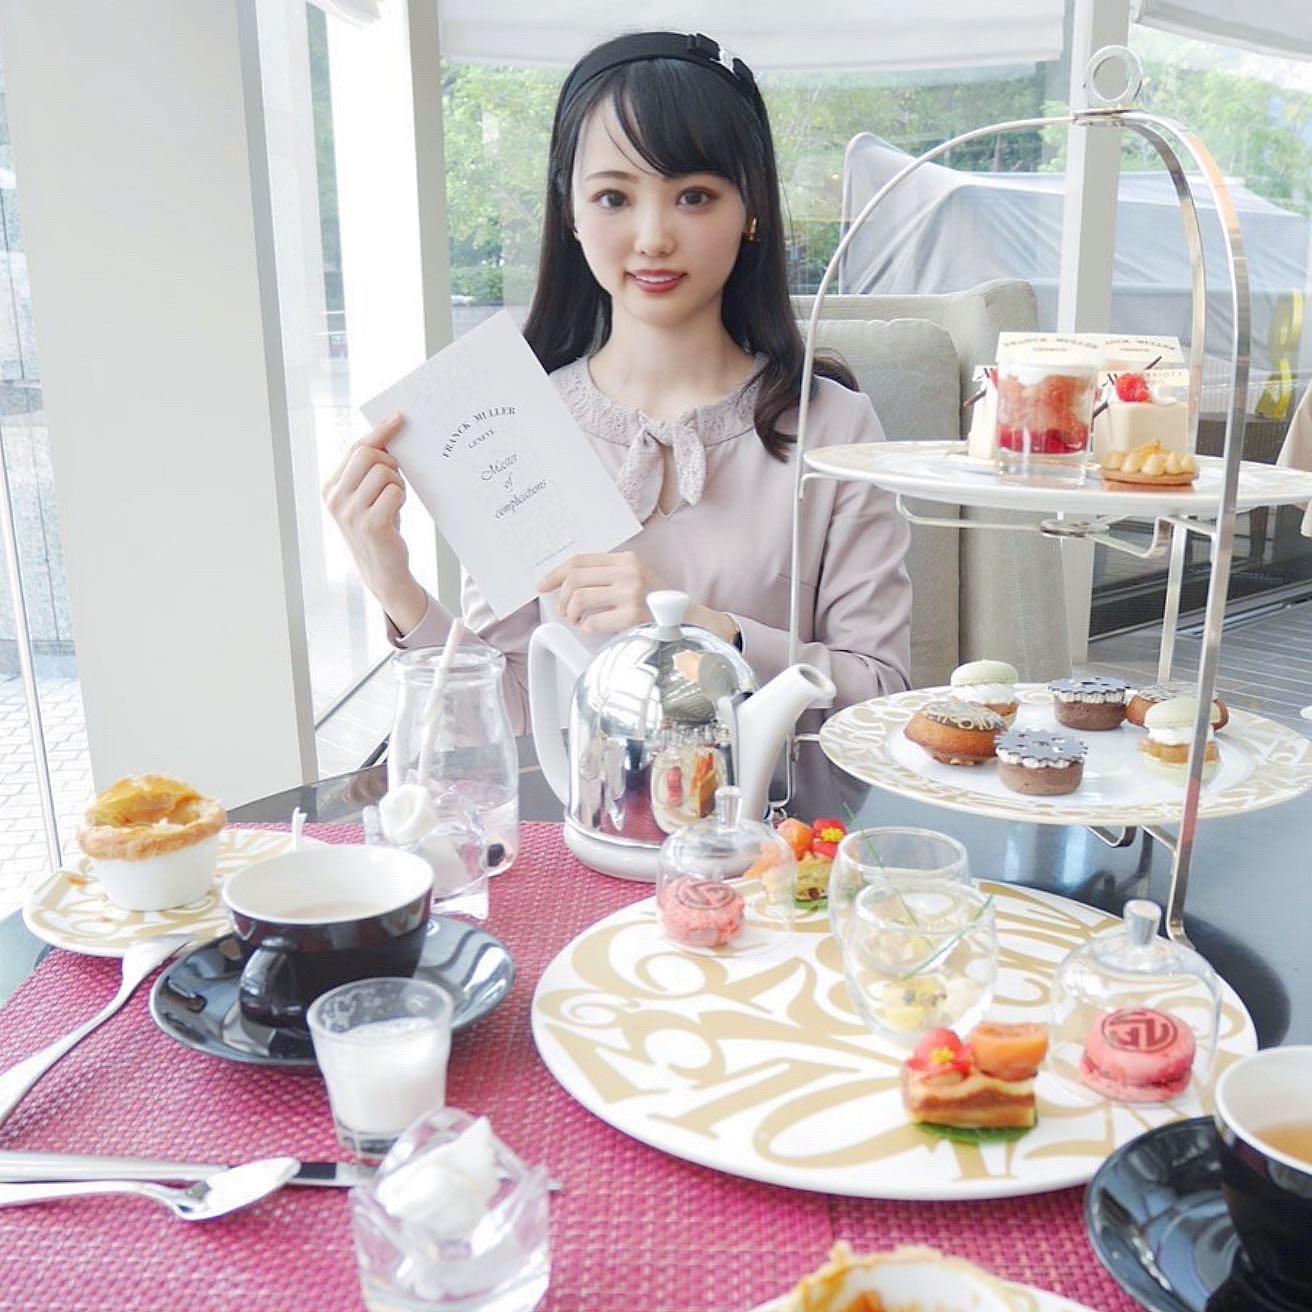 【東京】東京マリオットホテル フランクミュラーのアフタヌーンティー【品川】_6